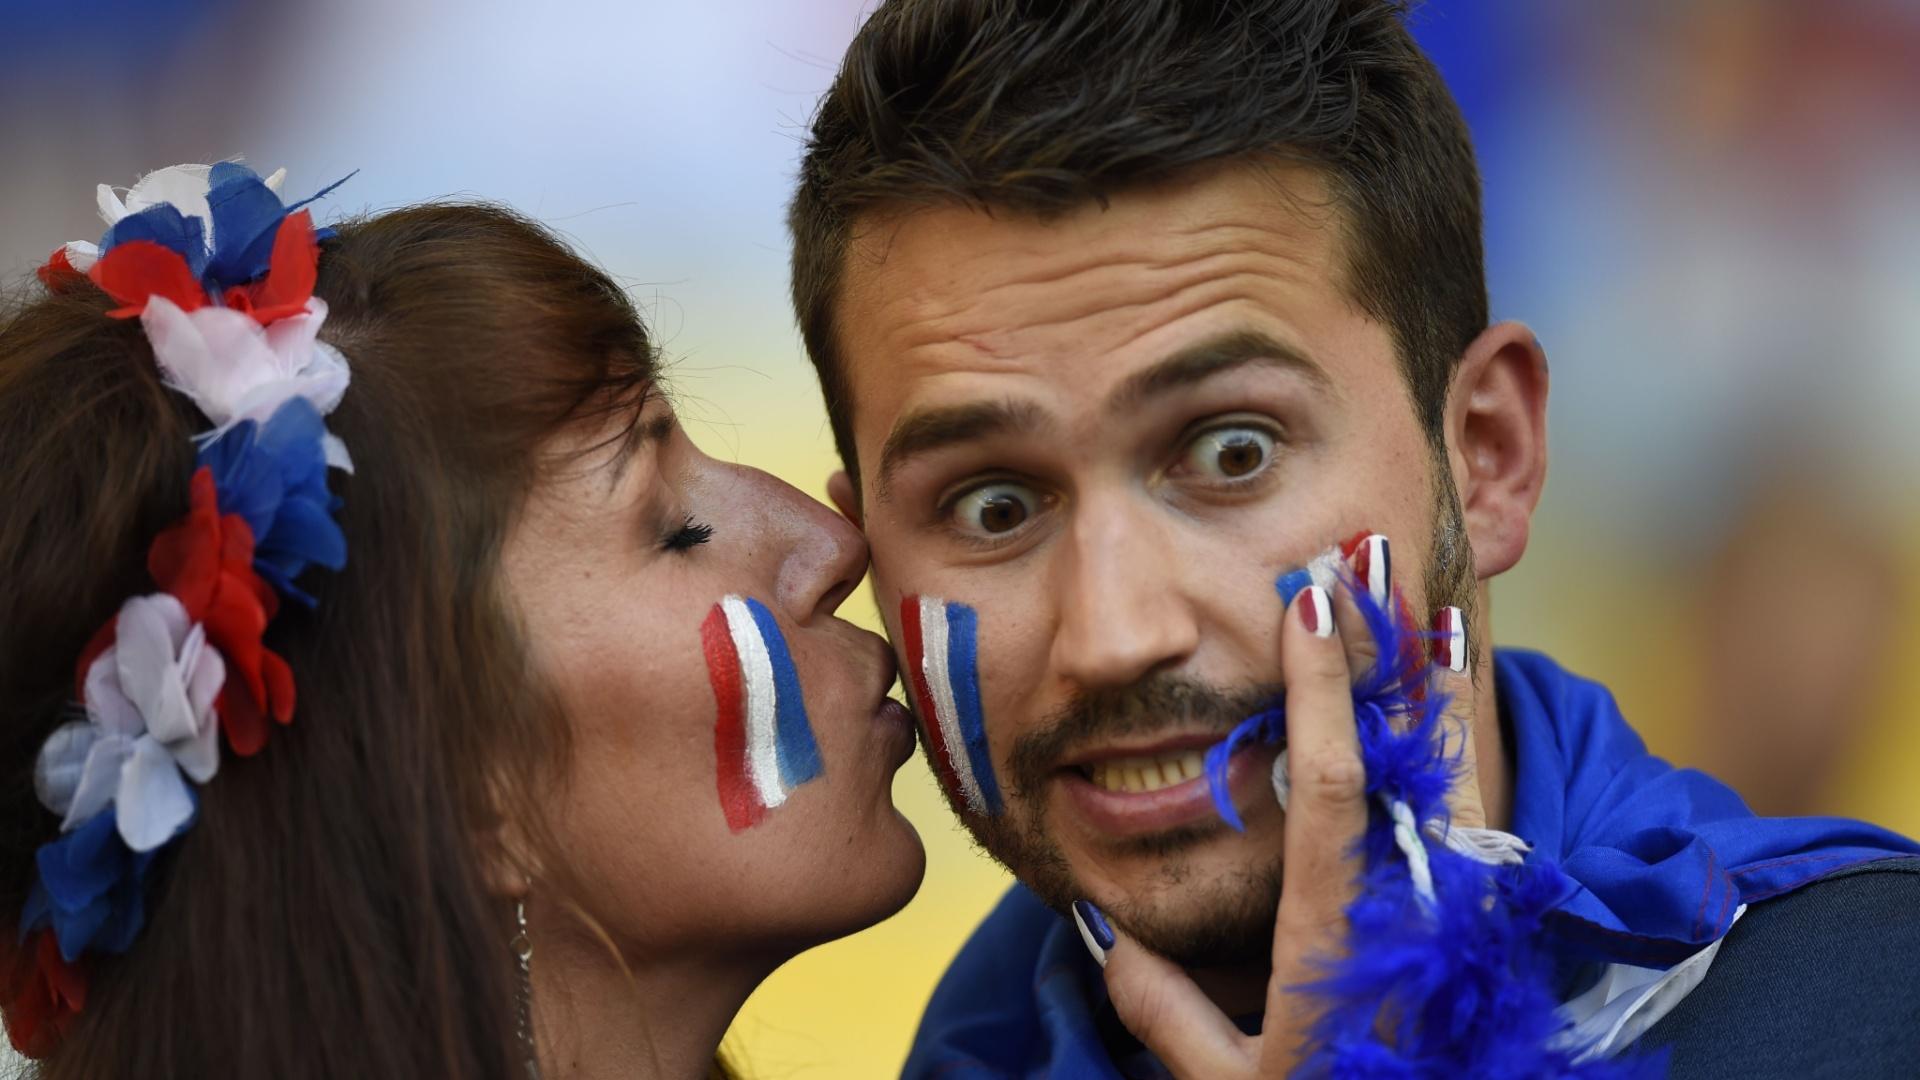 O sortudo não teve a sorte de ver um gol francês no Maracanã, mas ganhou um beijo da musa da torcida